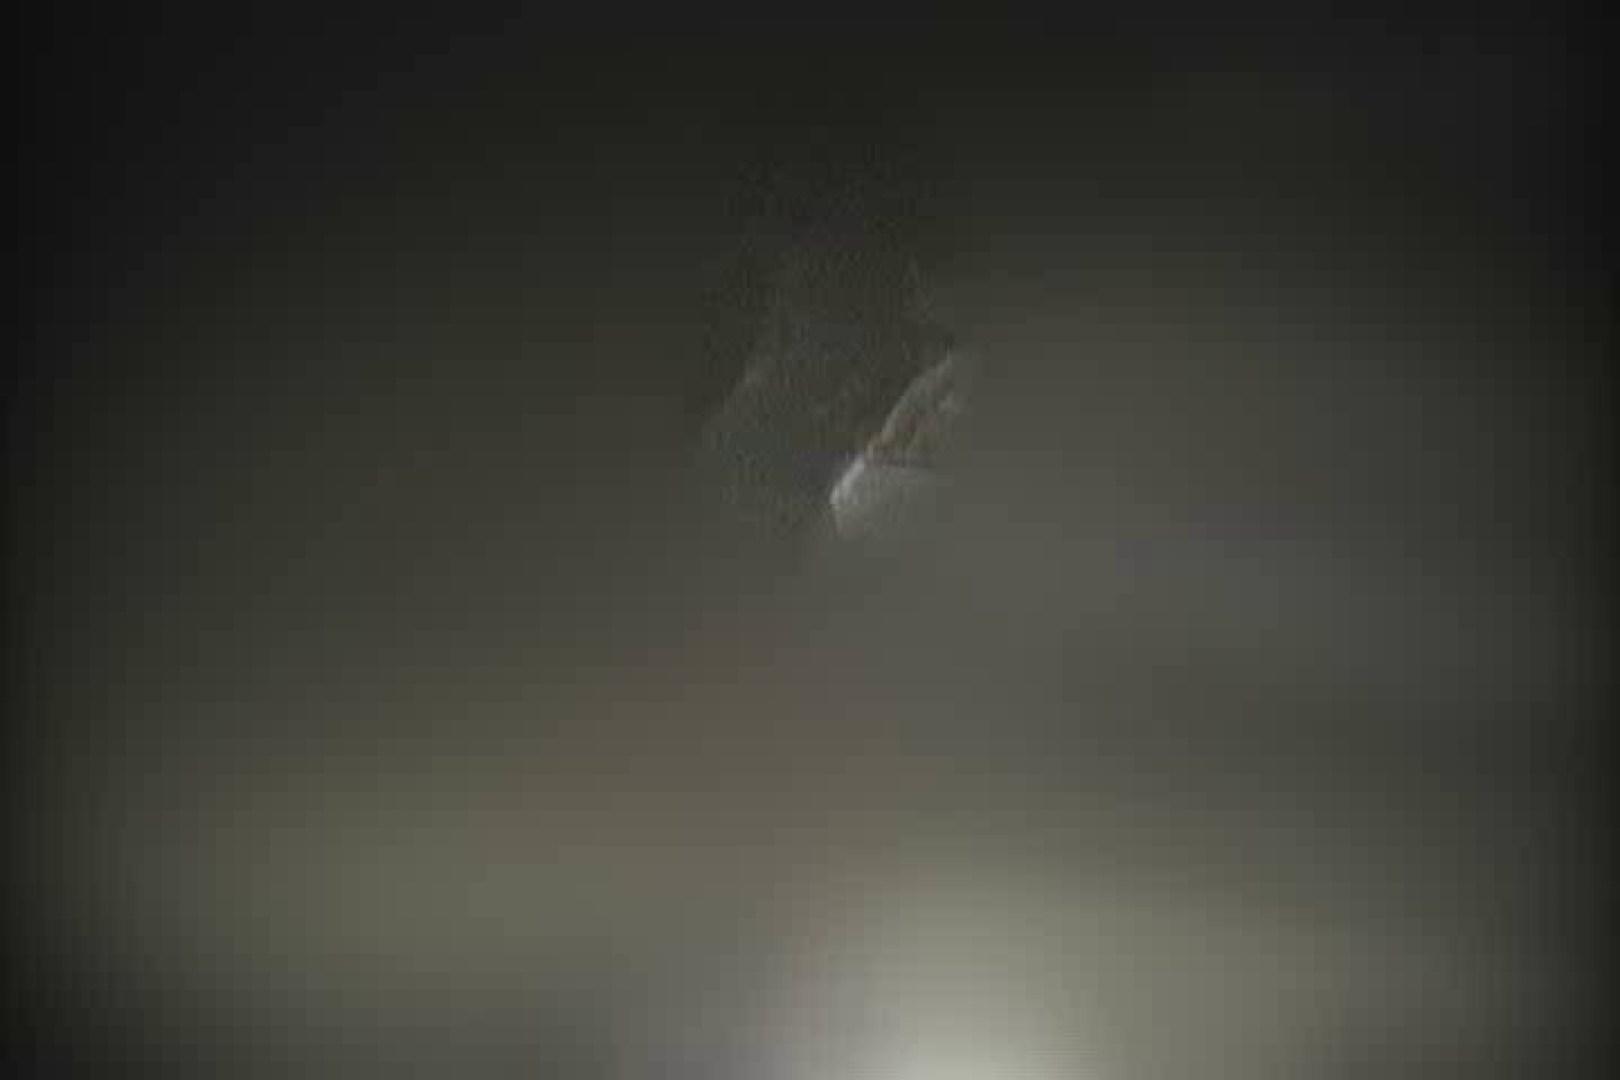 サターンさんのウル技炸裂!!夏乙女★海の家シャワー室絵巻 Vol.01 シャワー  92PIX 67